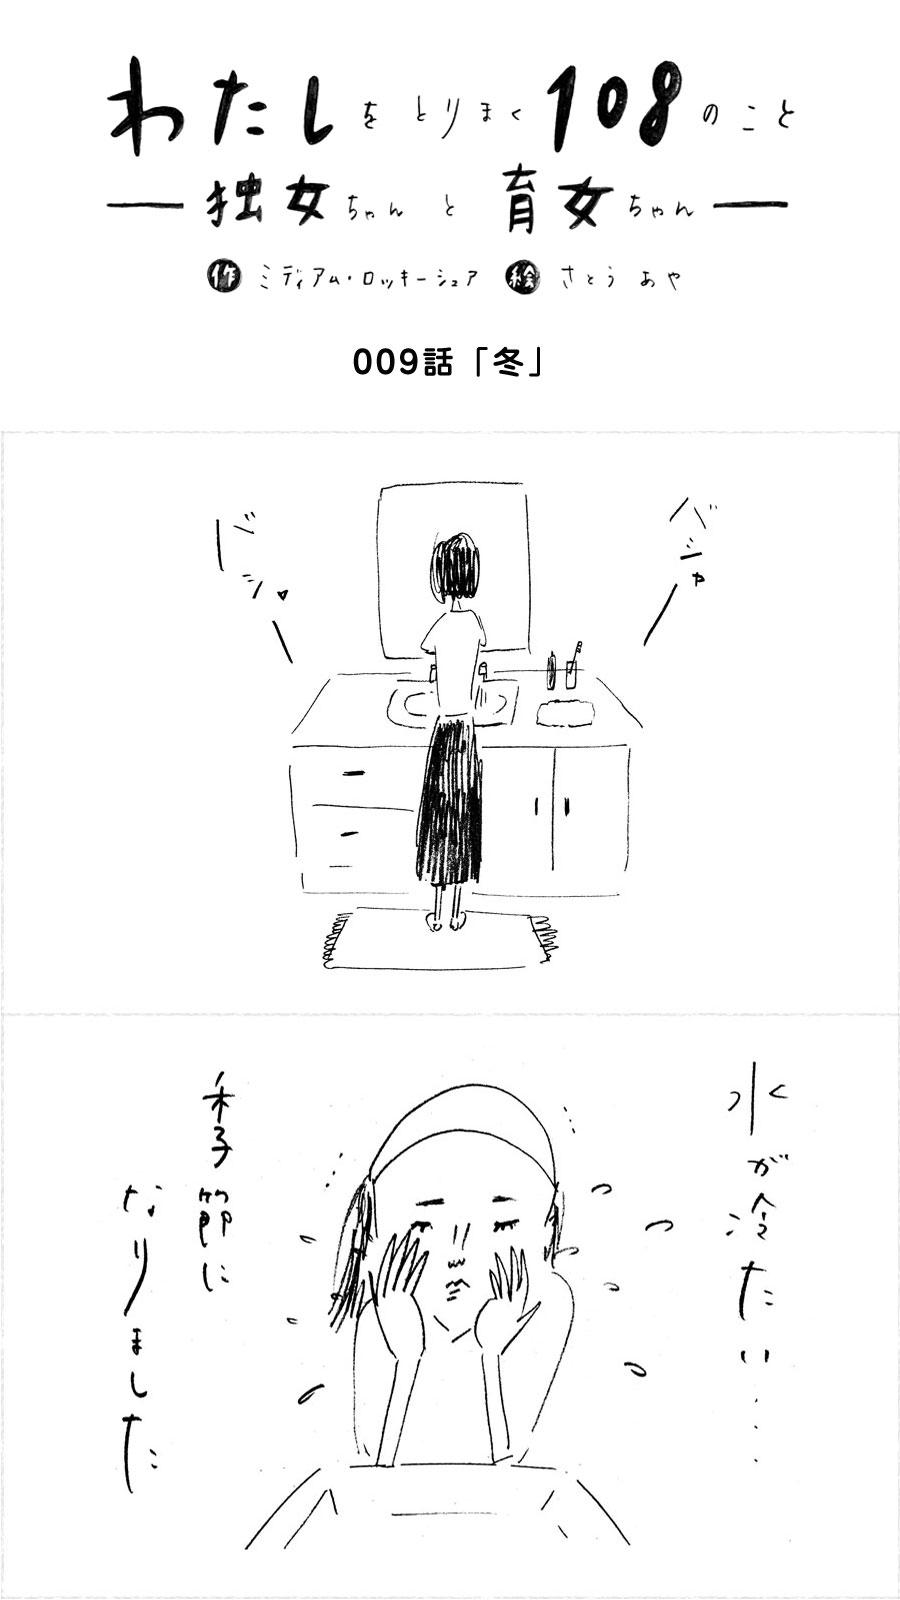 009_独女ちゃん_冬_002